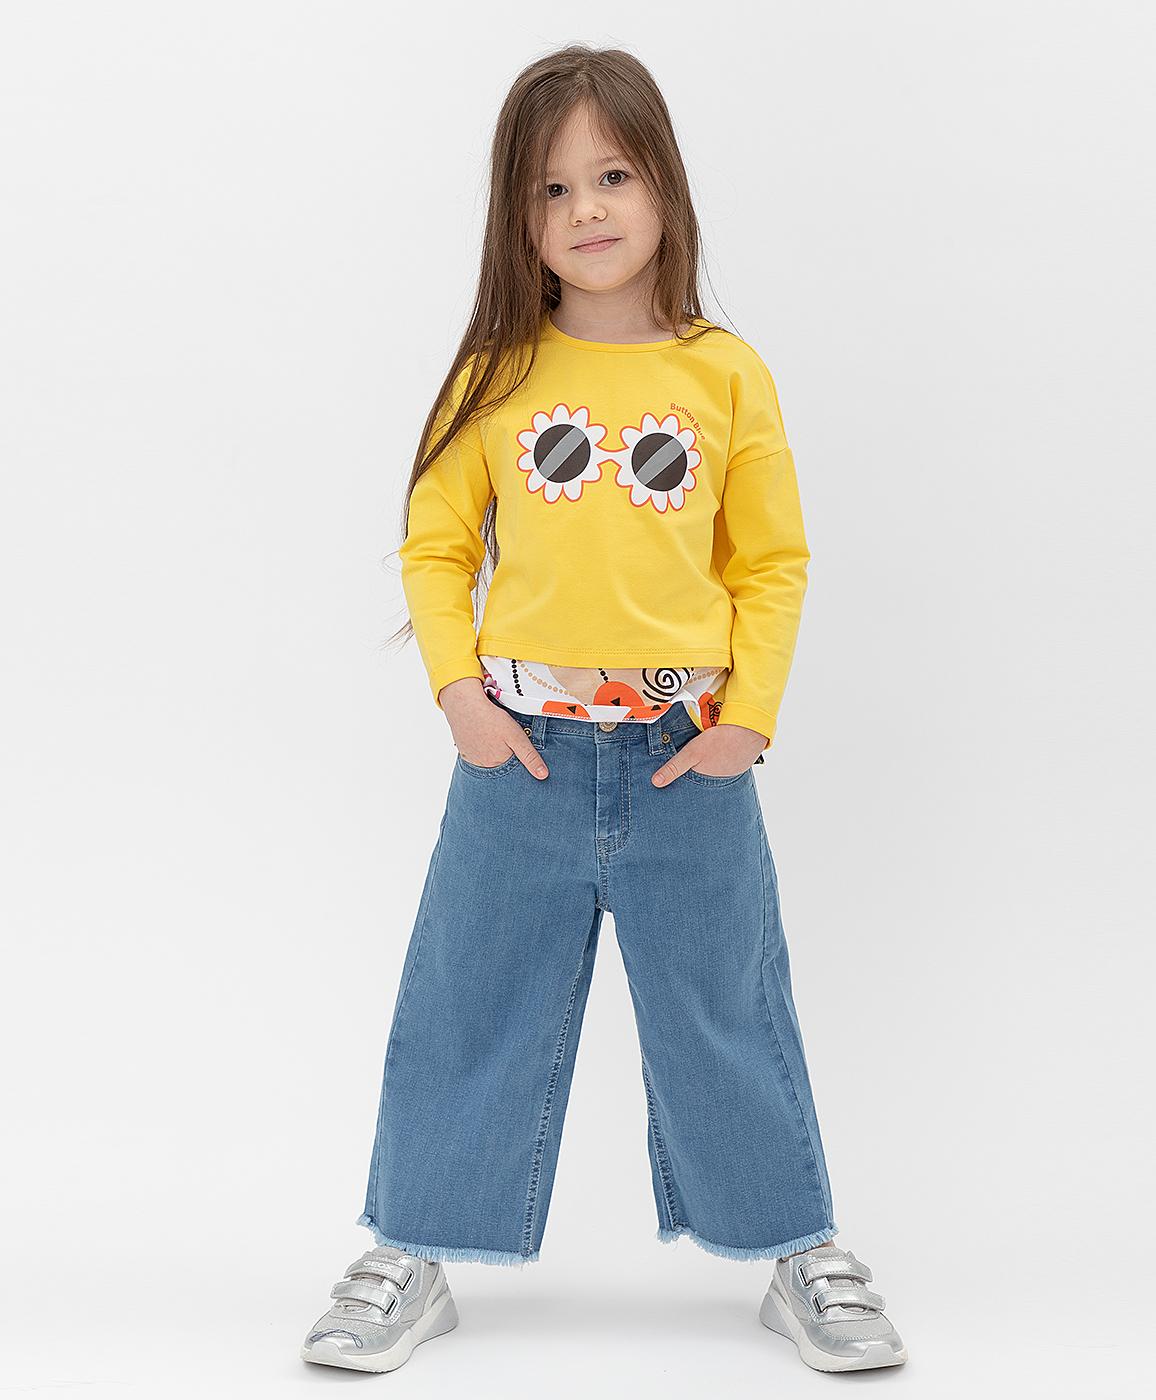 Купить 121BBGMC6308D200, Синие брюки Button Blue, синий, 122, Деним (Джинса), Женский, Лето, ВЕСНА/ЛЕТО 2021 (shop: GulliverMarket Gulliver Market)